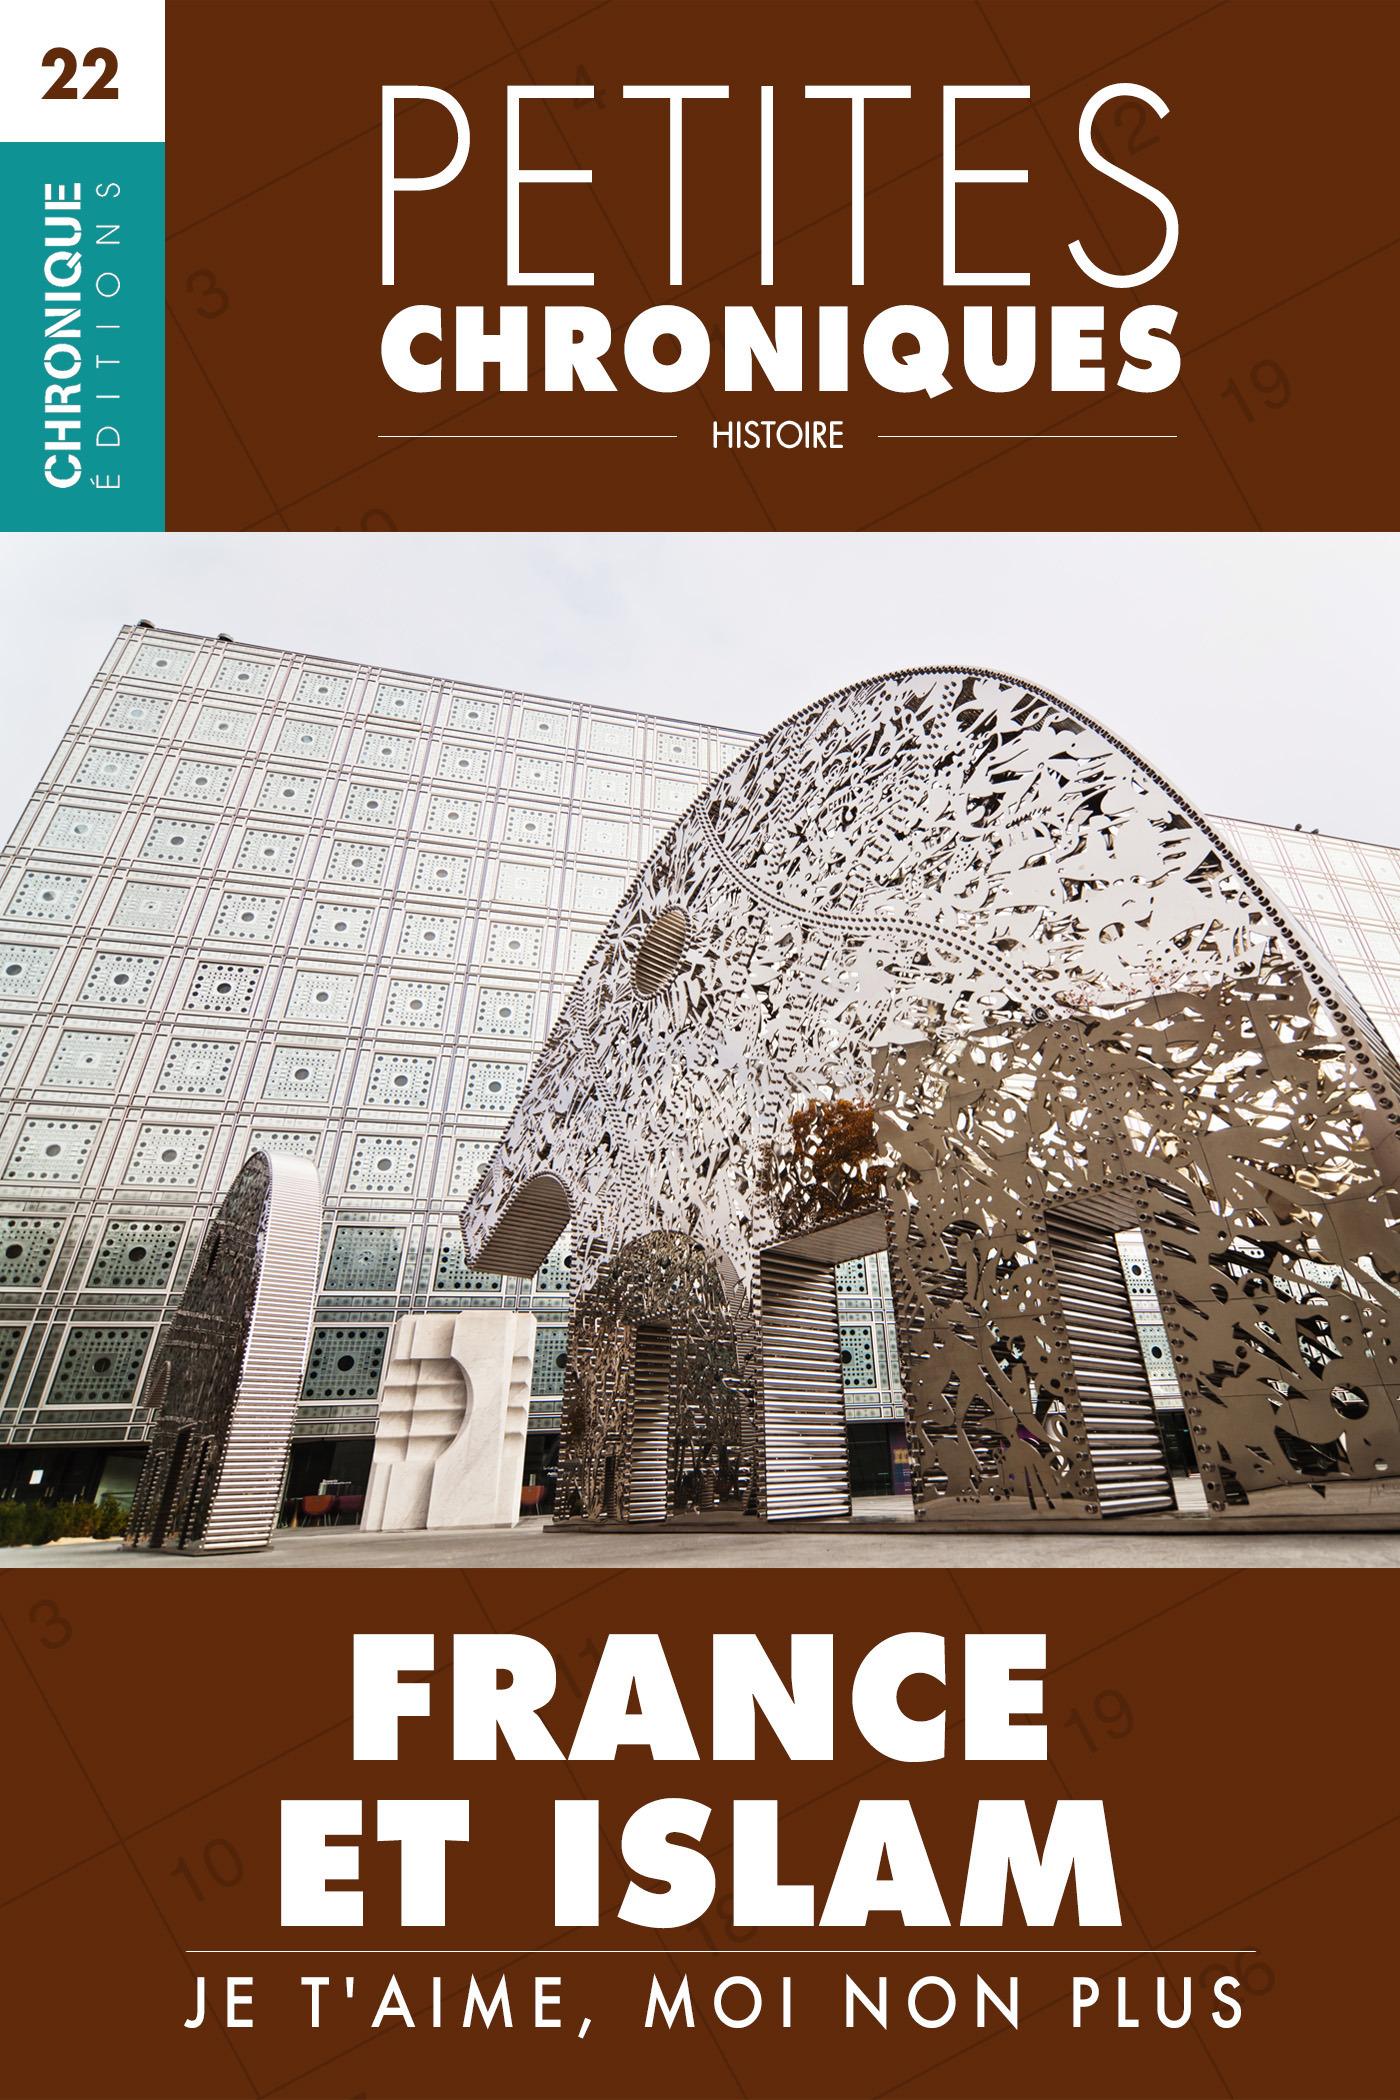 France et Islam - Je t'aime, moi non plus